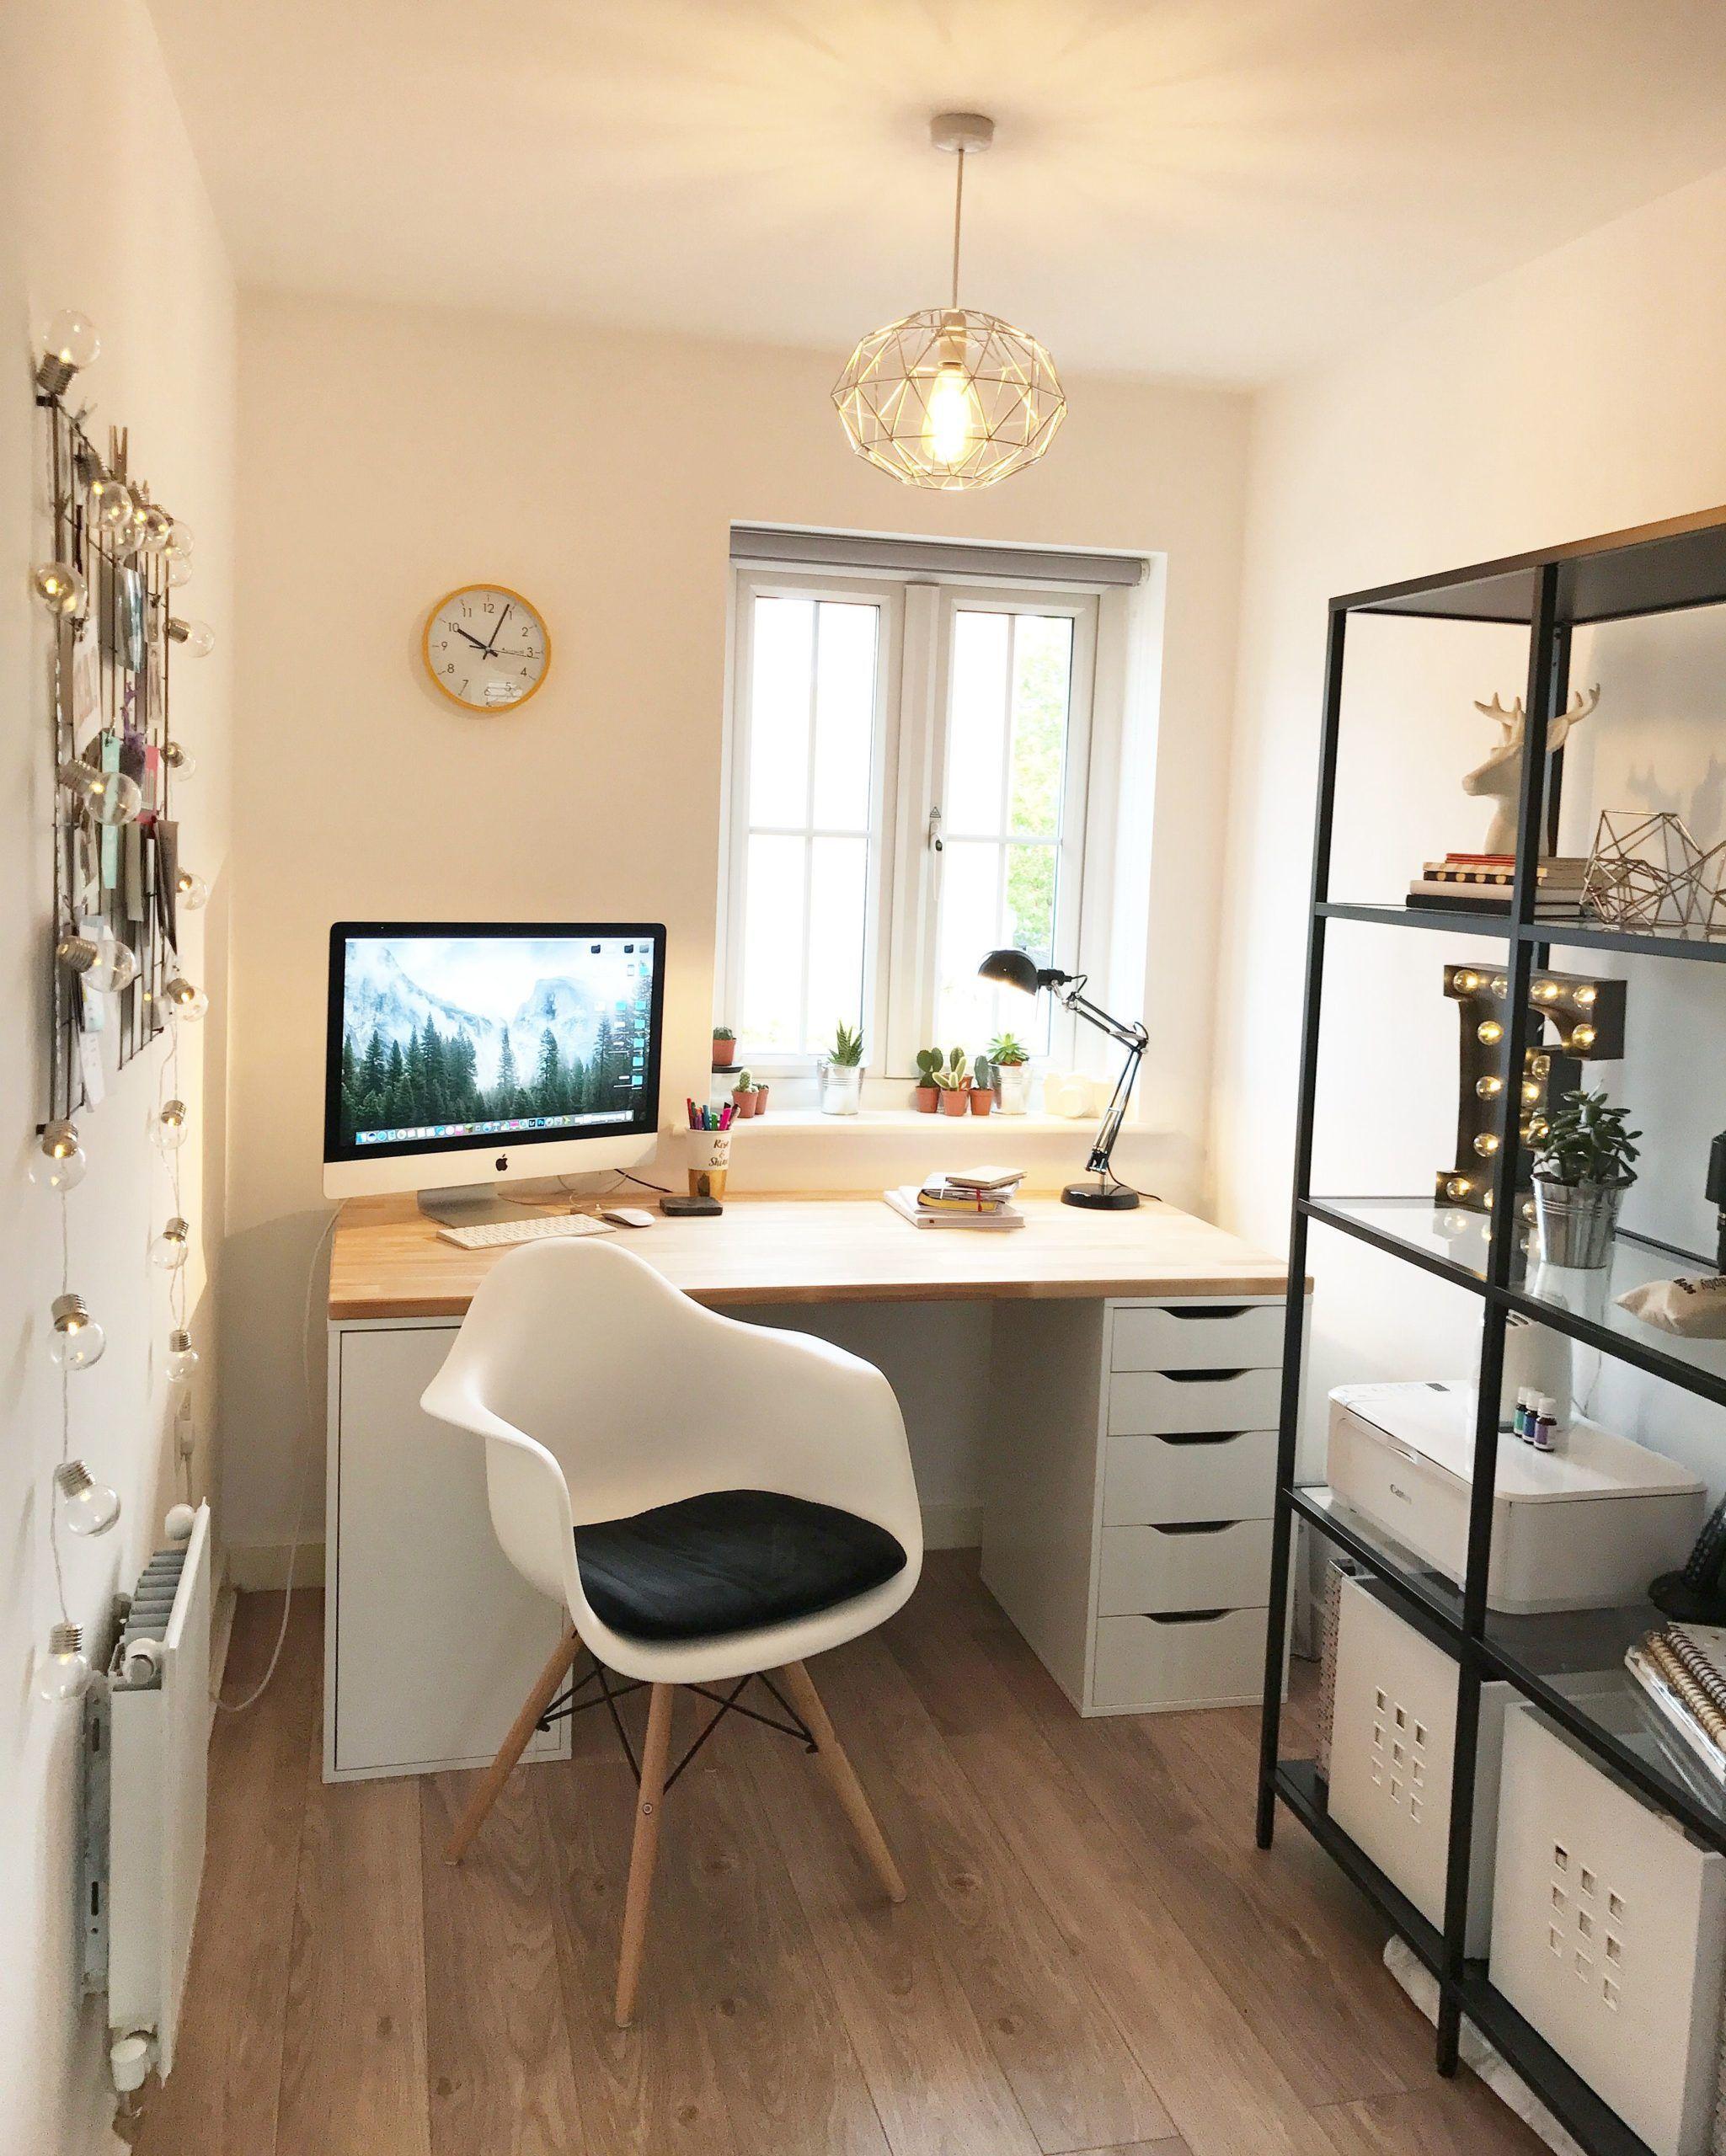 Ikea Gerton Schreibtisch In 2020 Wohnung Renovierung Minimalistische Wohnung Zimmergestaltung